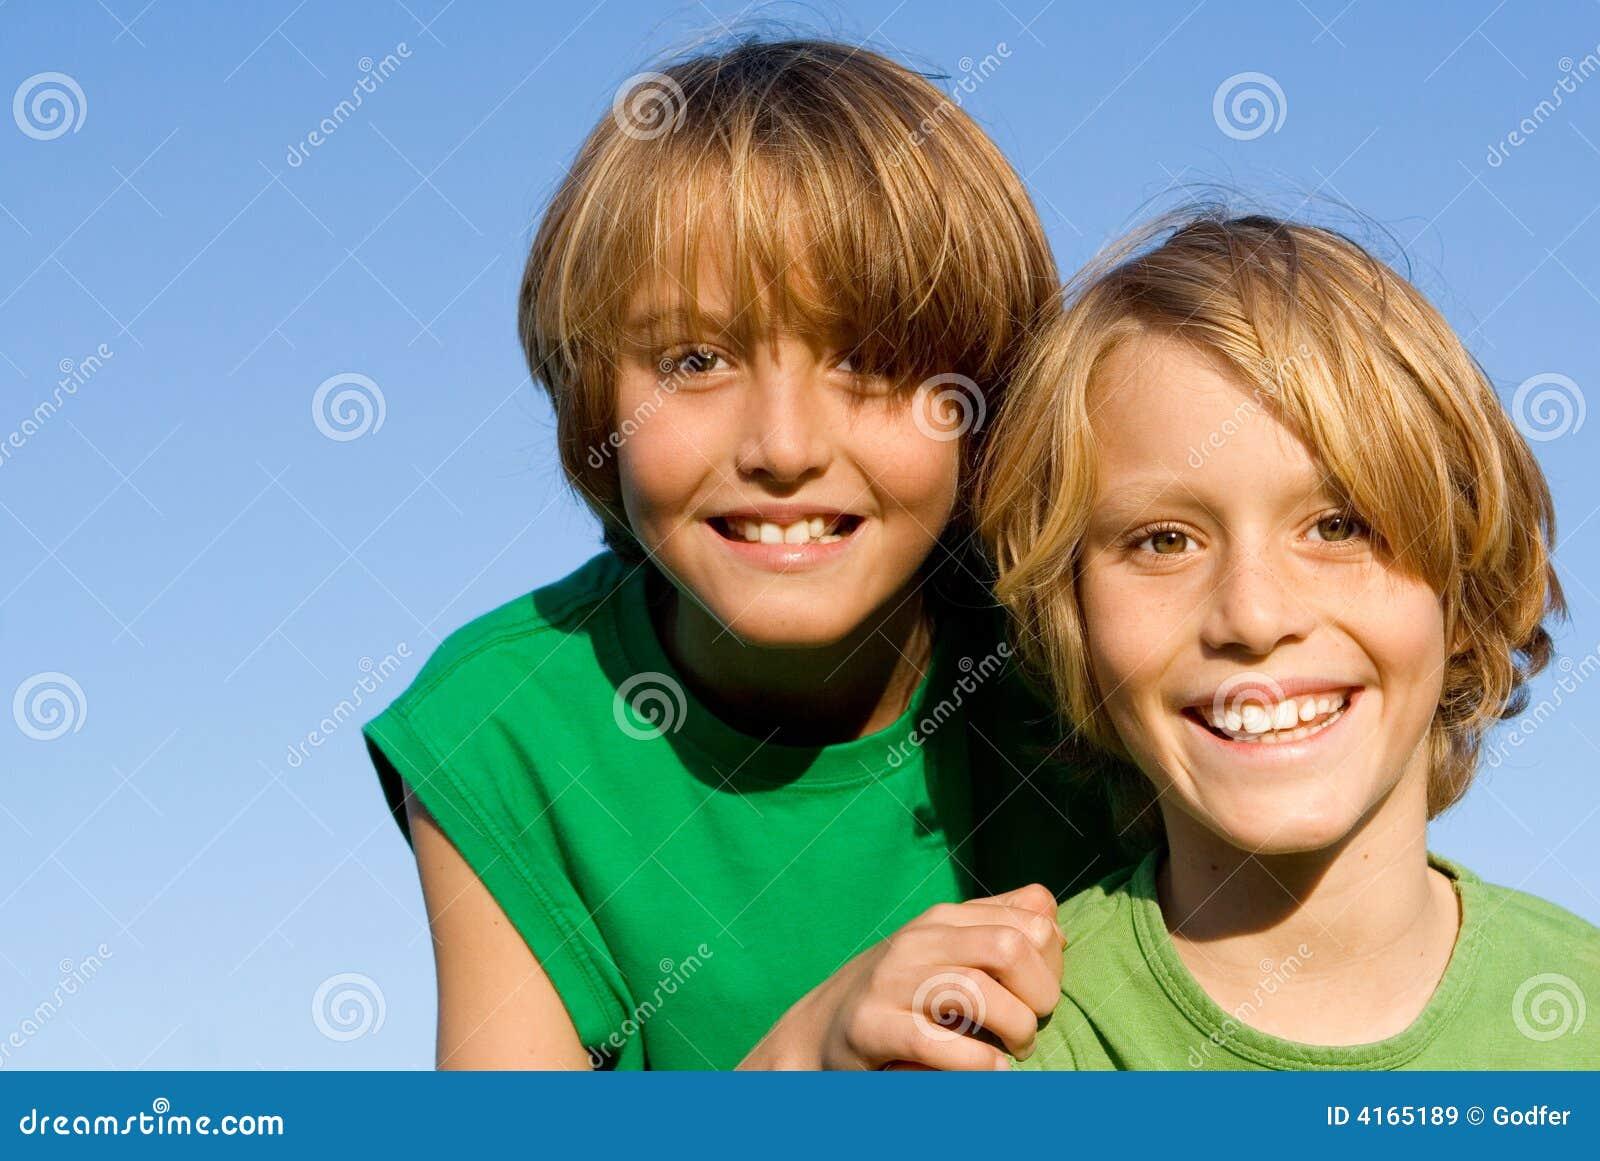 Cabritos sonrientes felices